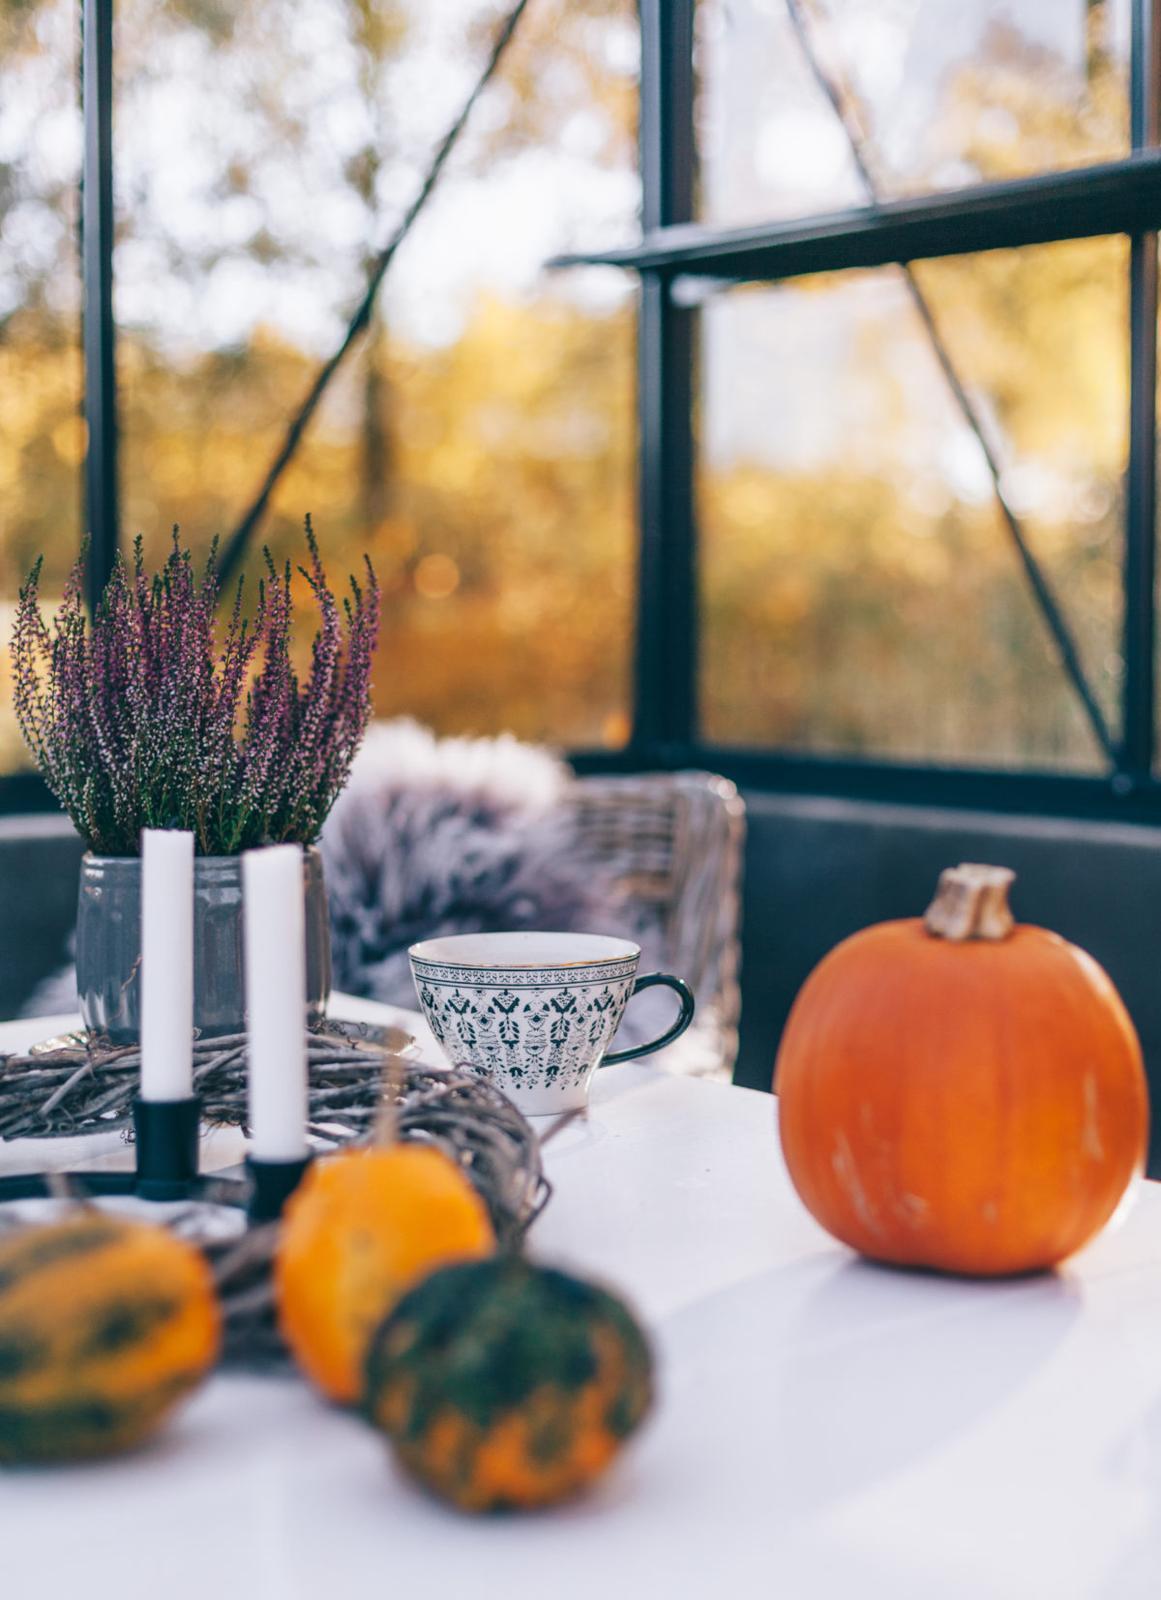 Podzimní inspirace - Obrázek č. 53